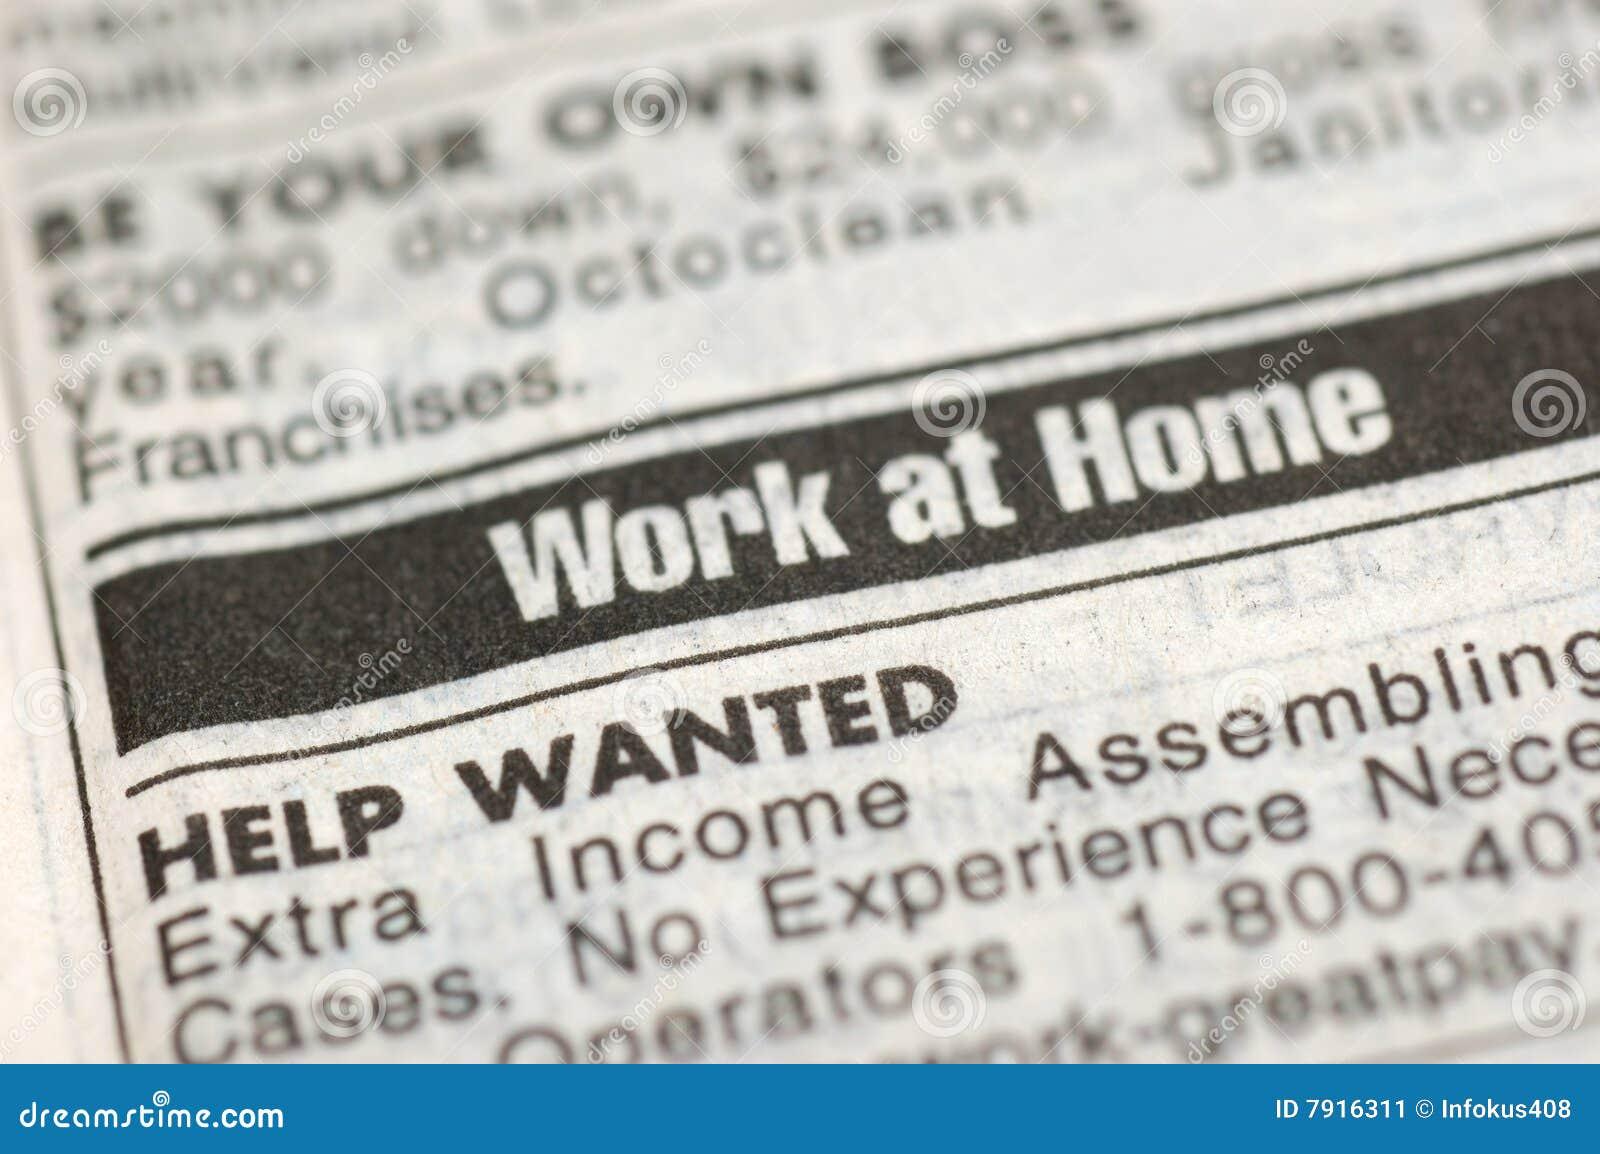 arbeit zu hause stockbild bild von arbeitslose jobs. Black Bedroom Furniture Sets. Home Design Ideas